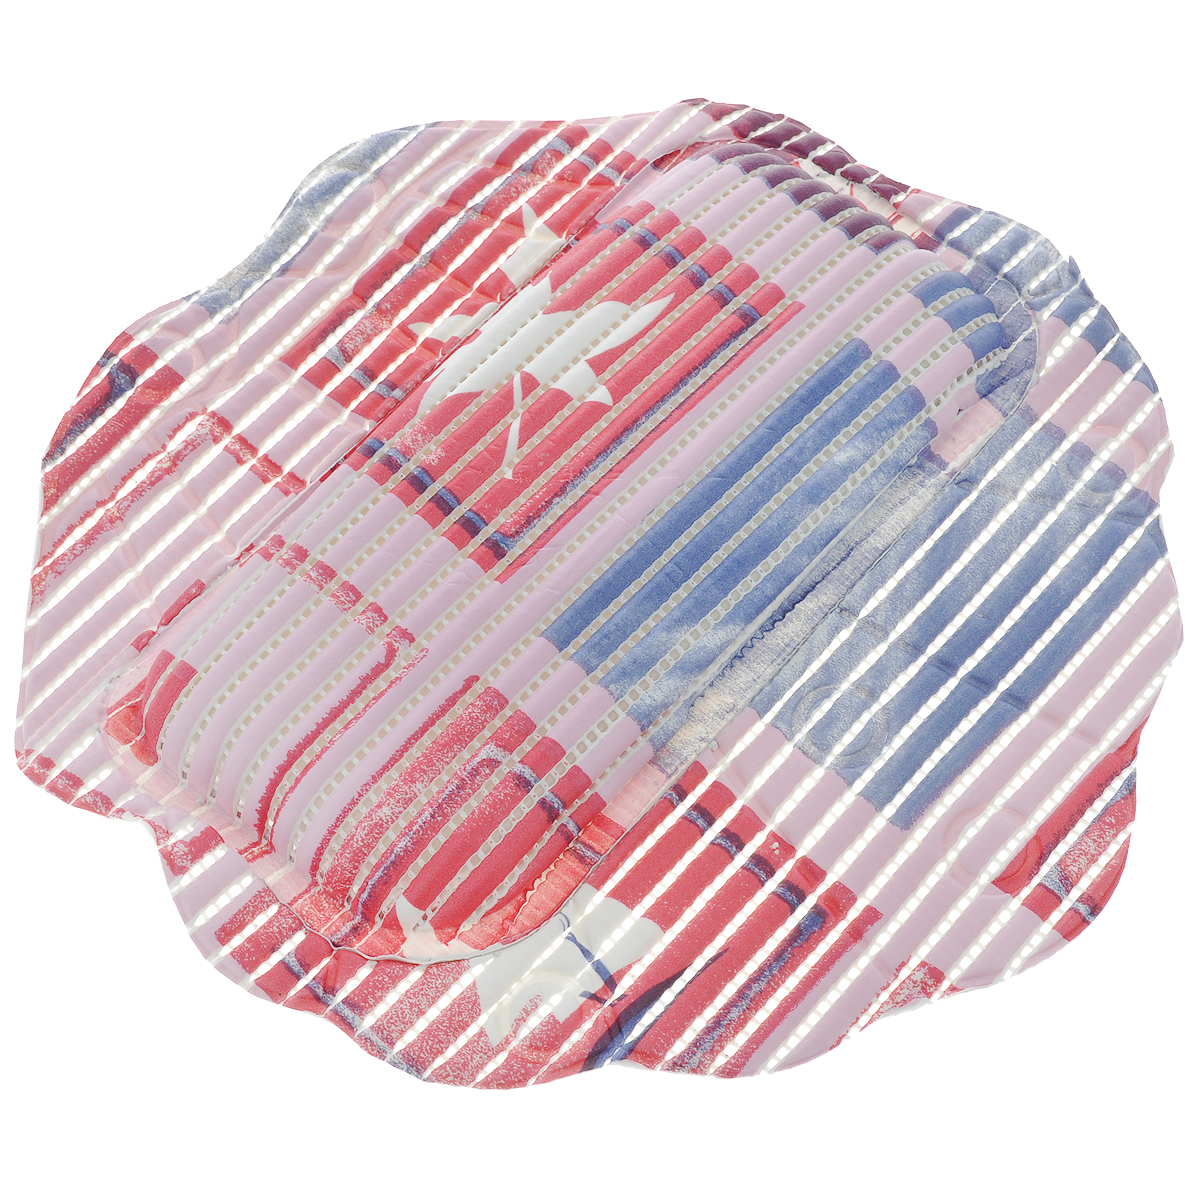 Подушка для ванны Fresh Code Flexy, на присосках, цвет: розовый, фиолетовый, малиновый, 33 см х 33 см55764_розовый, фиолетовый, малиновыйПодушка для ванны Fresh Code Flexy обеспечивает комфорт во время принятия ванны. Крепится на поверхность ванной с помощью присосок. Выполнена из ПВХ.